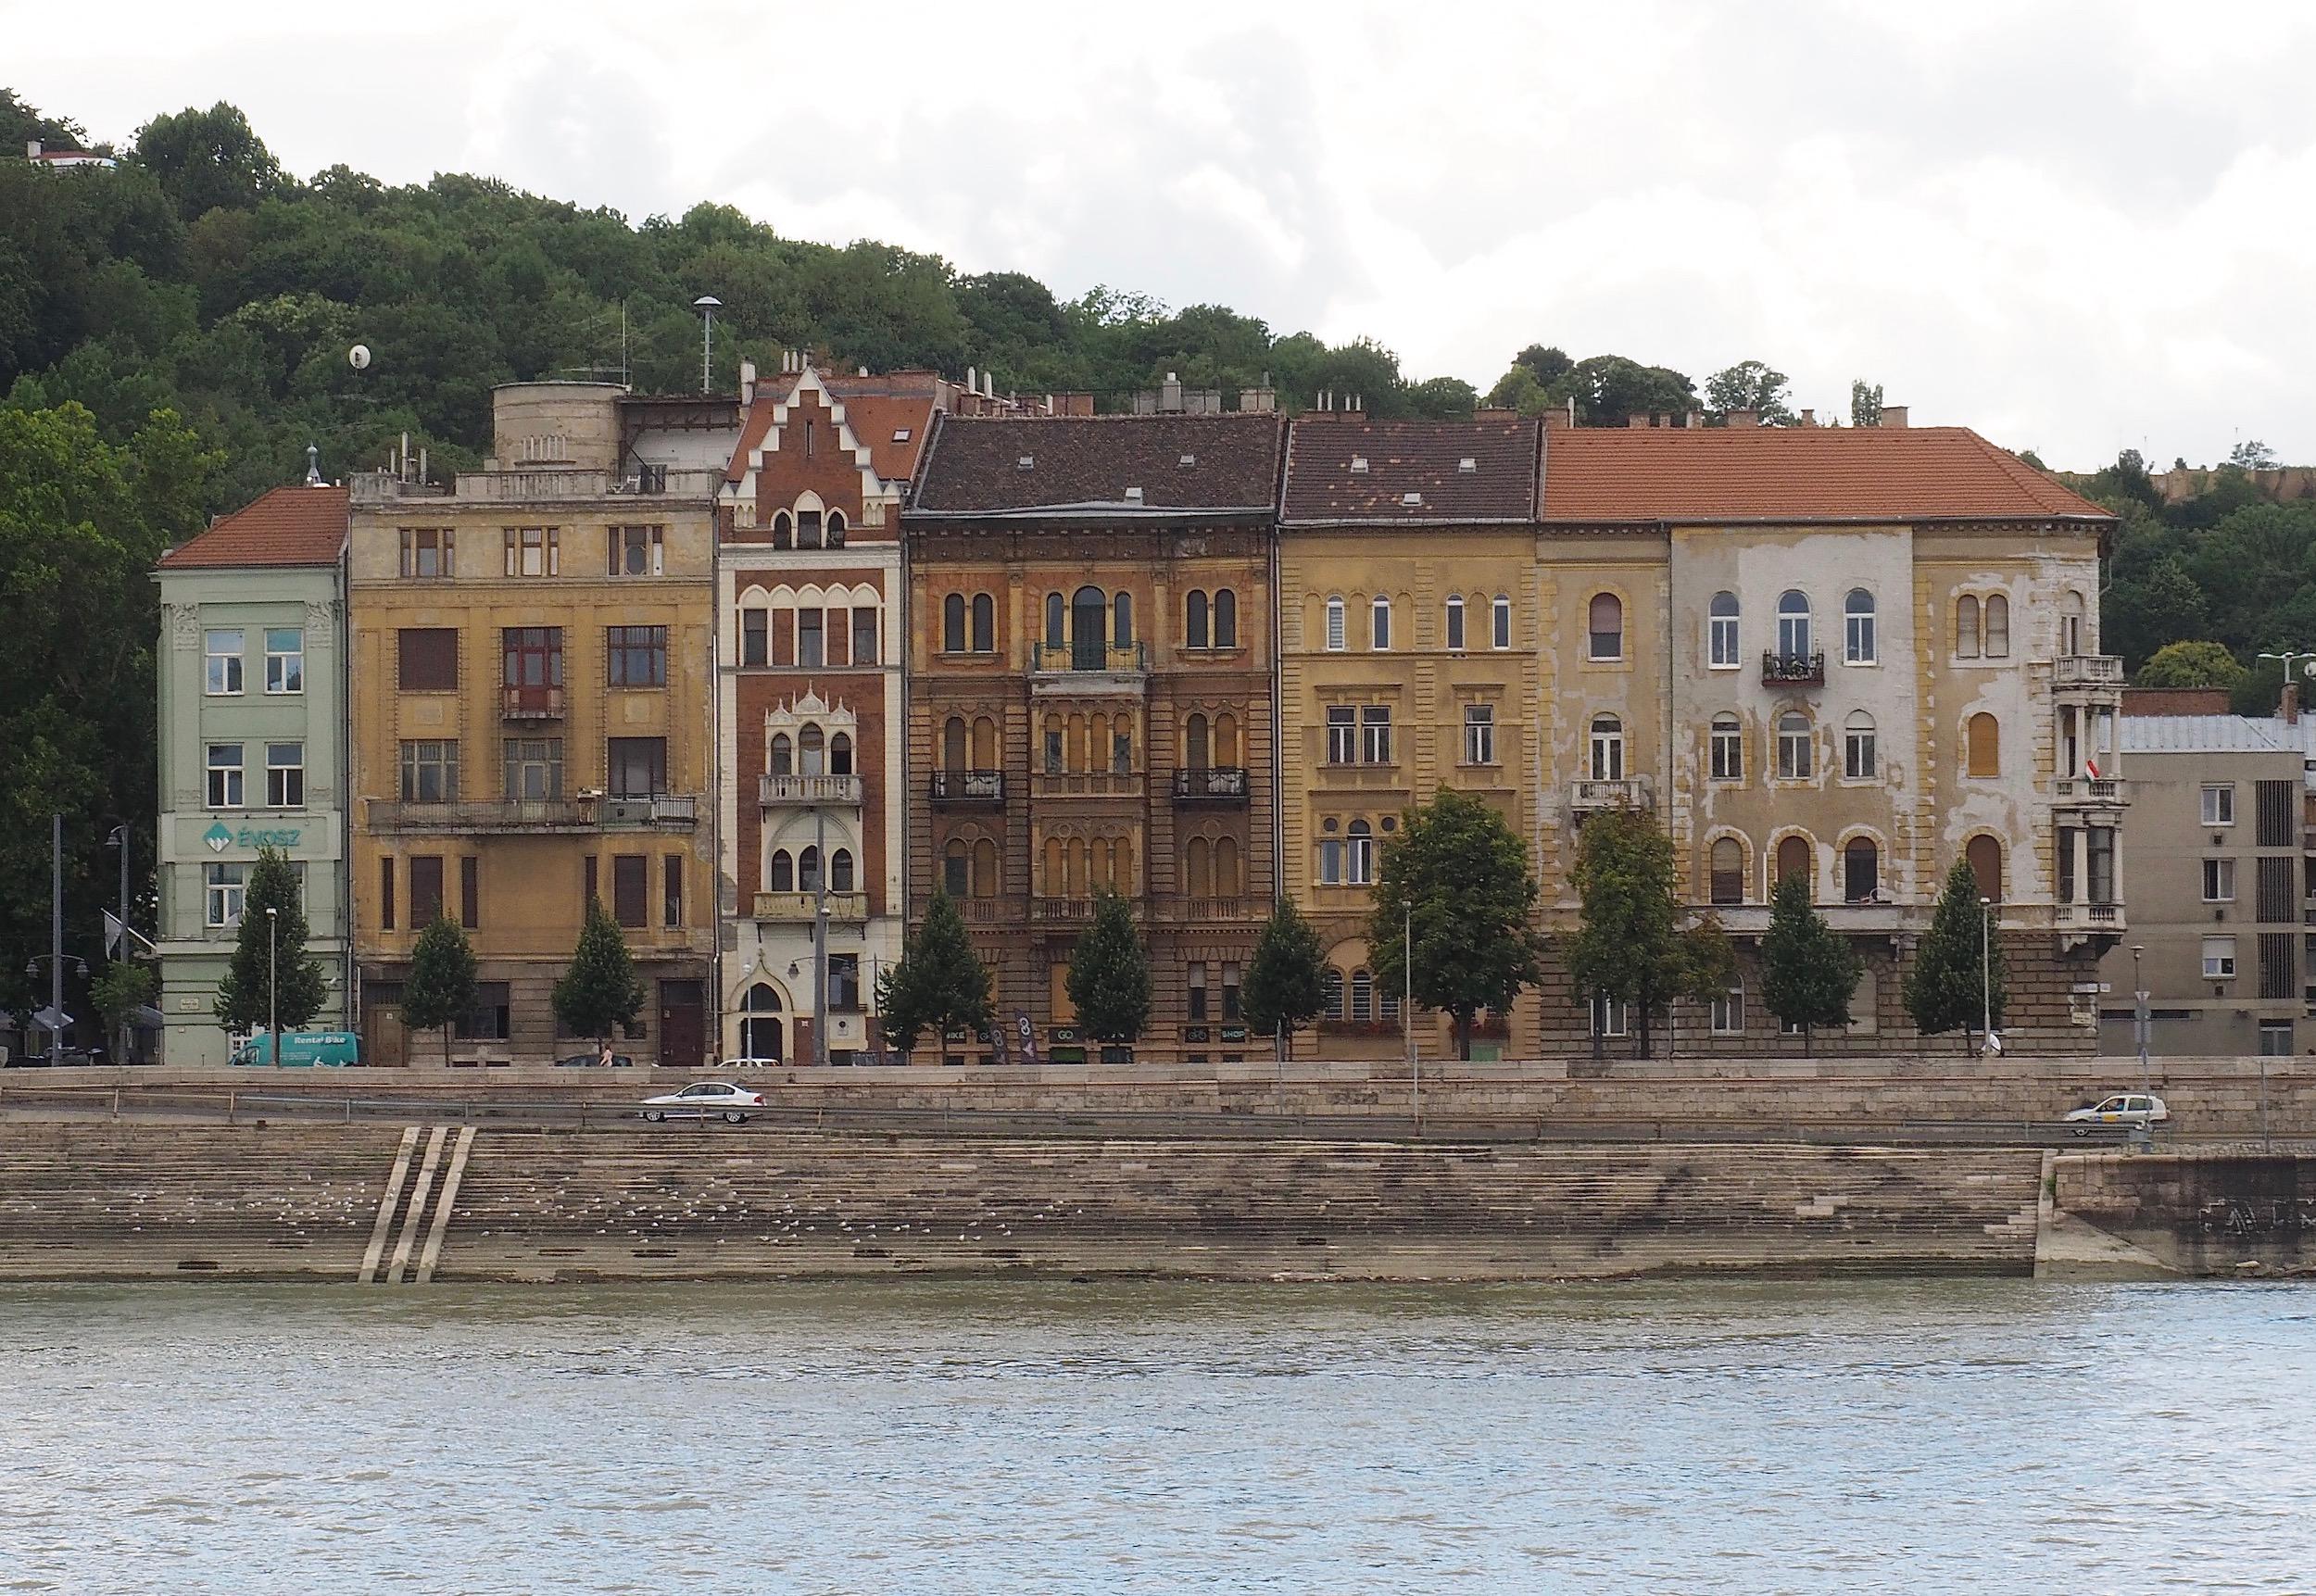 Visite de Budapest en famille, itinéraire sur 5 jours - Bord du Danube